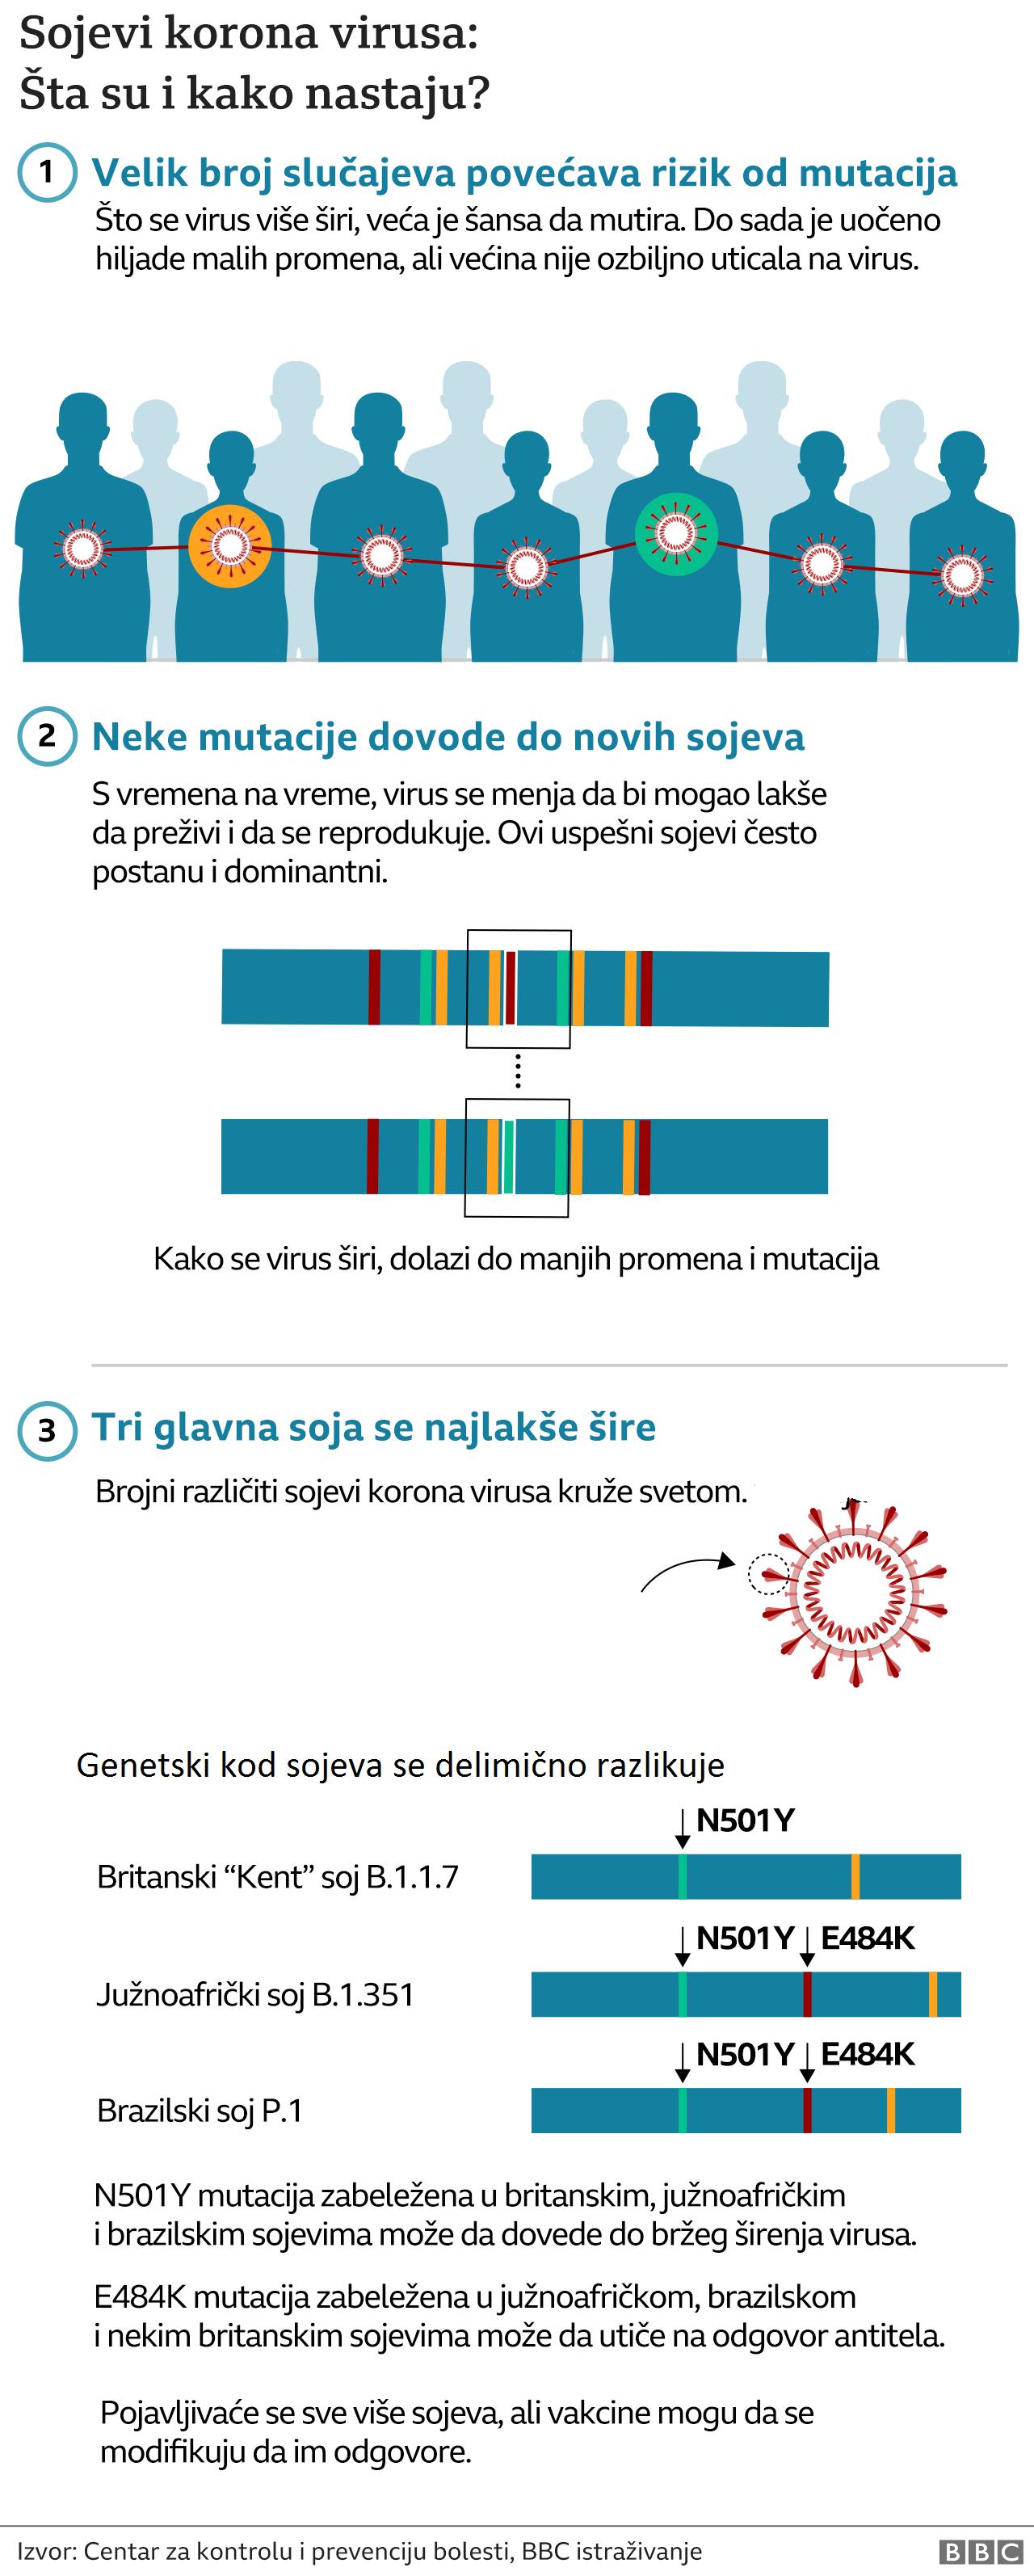 116911656_coronavirus_variants_v3_inf640-2x-n-21